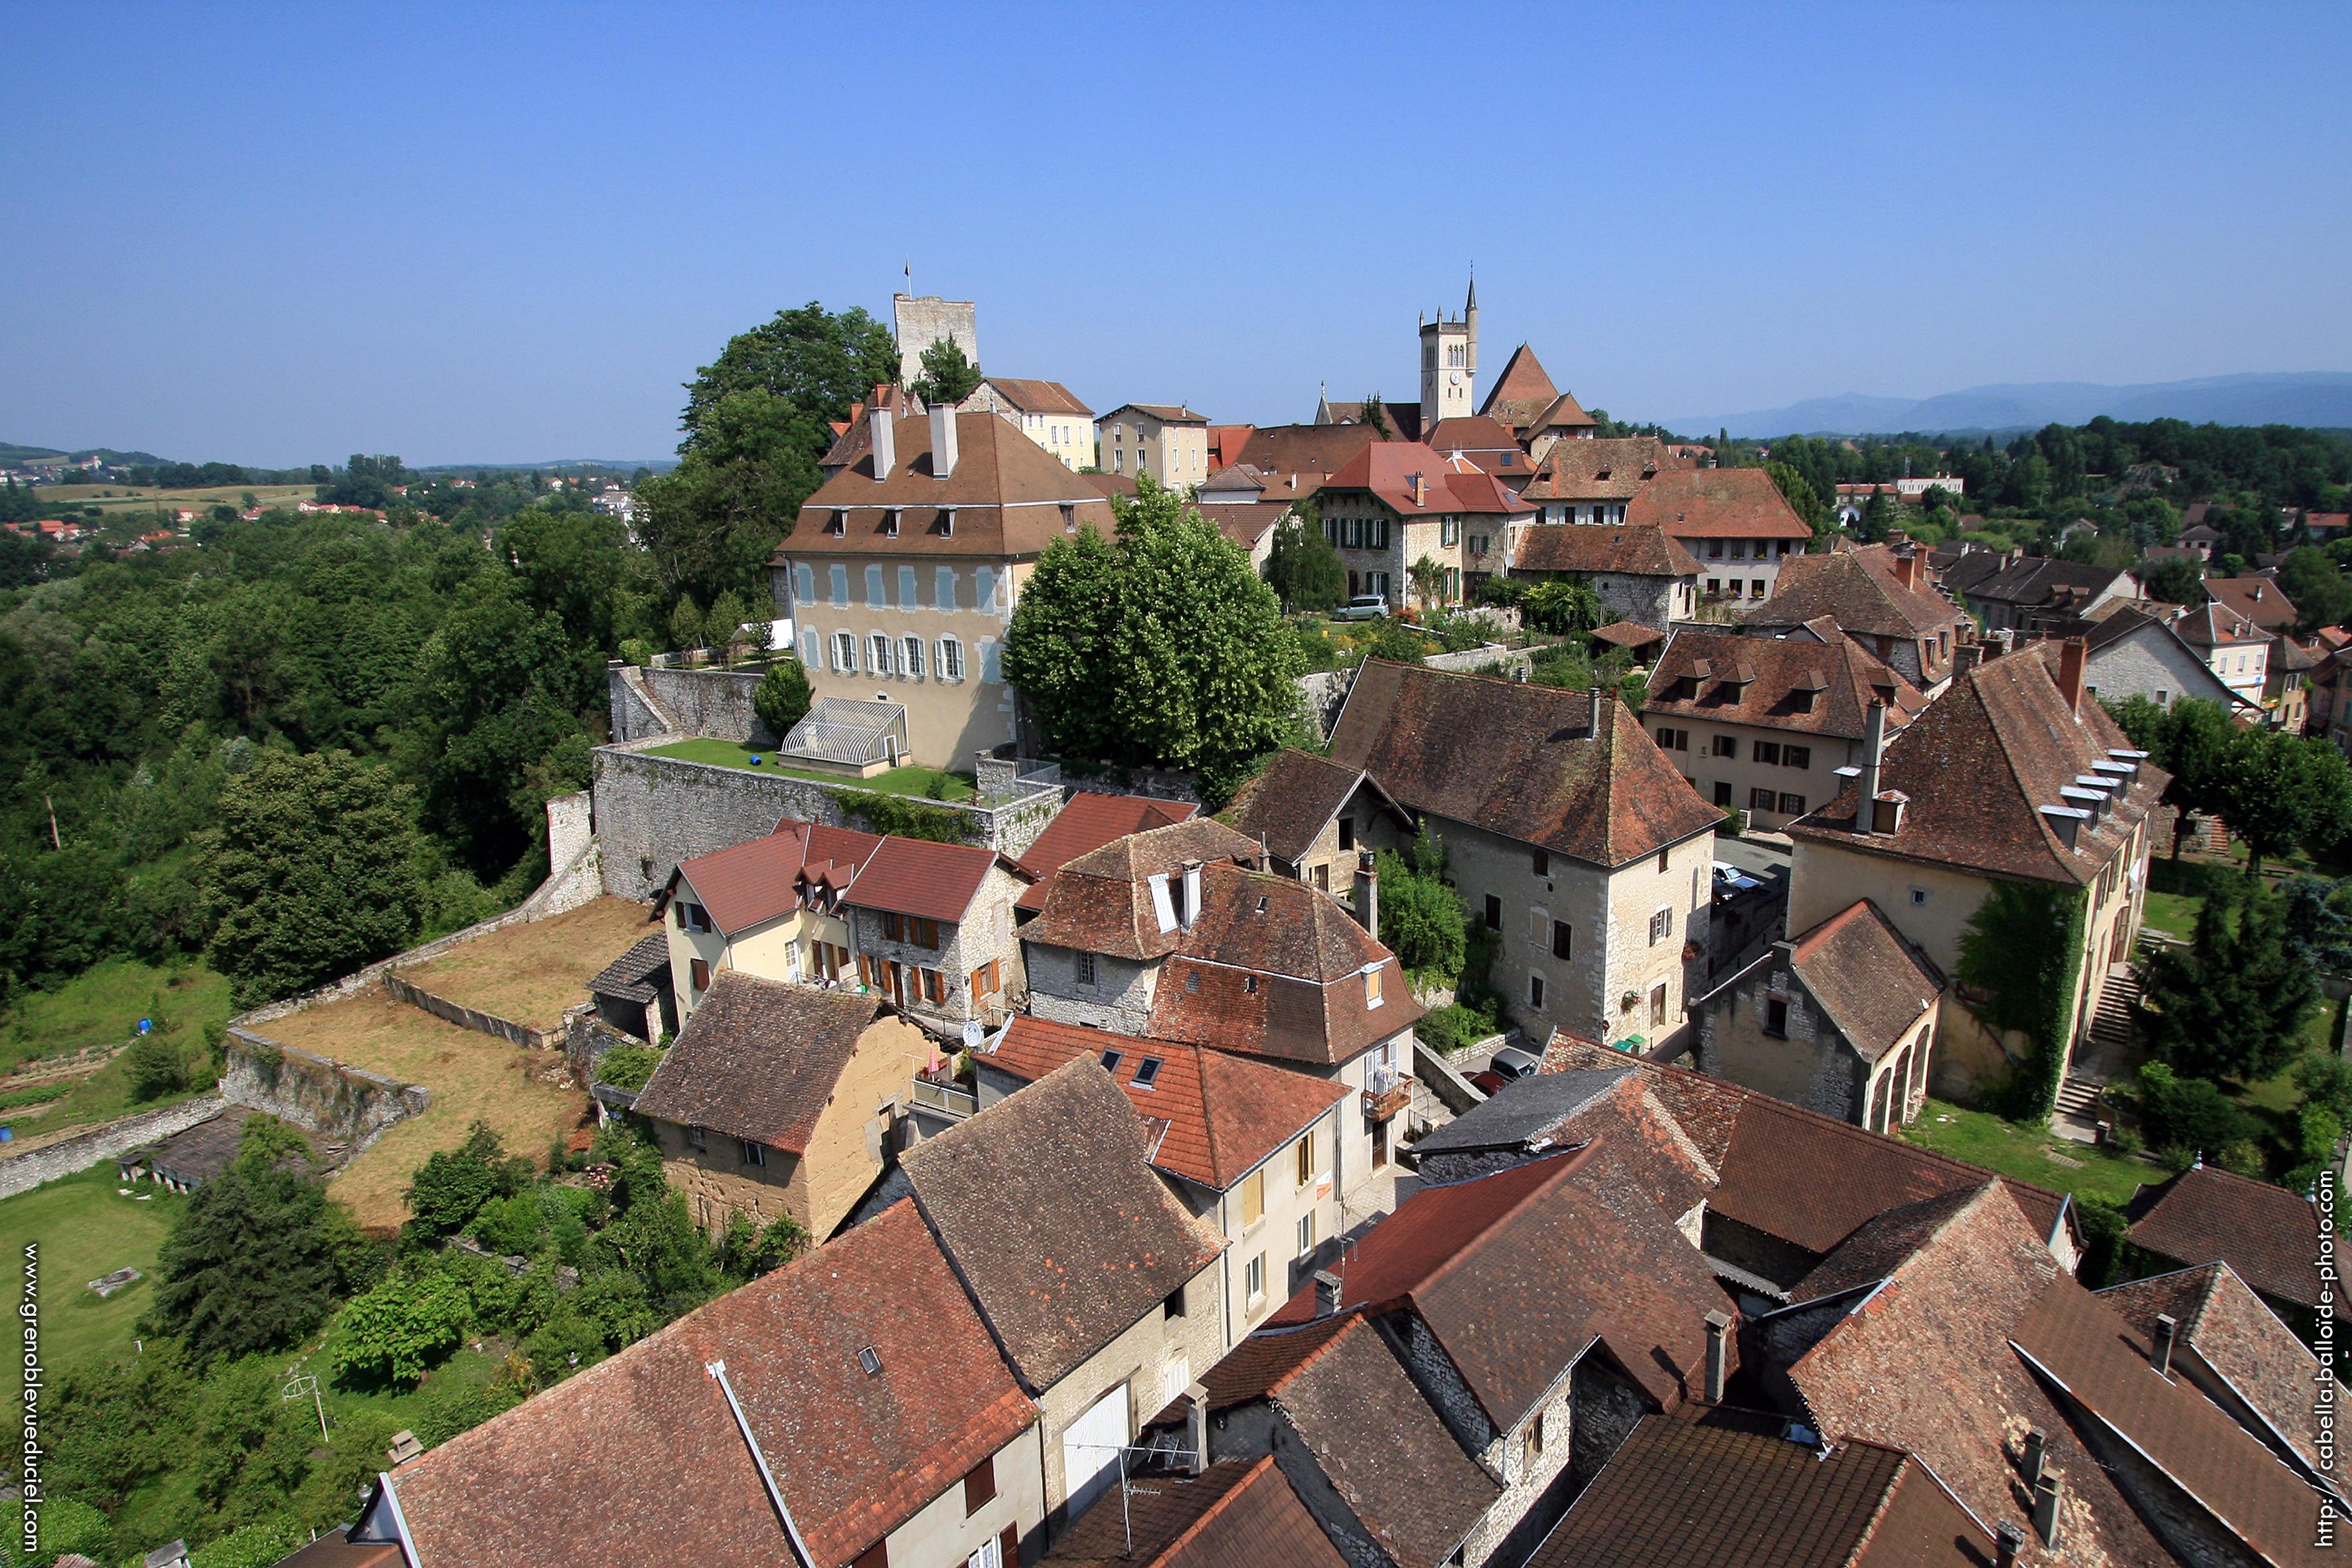 La vieille ville et les toits Dauphinois